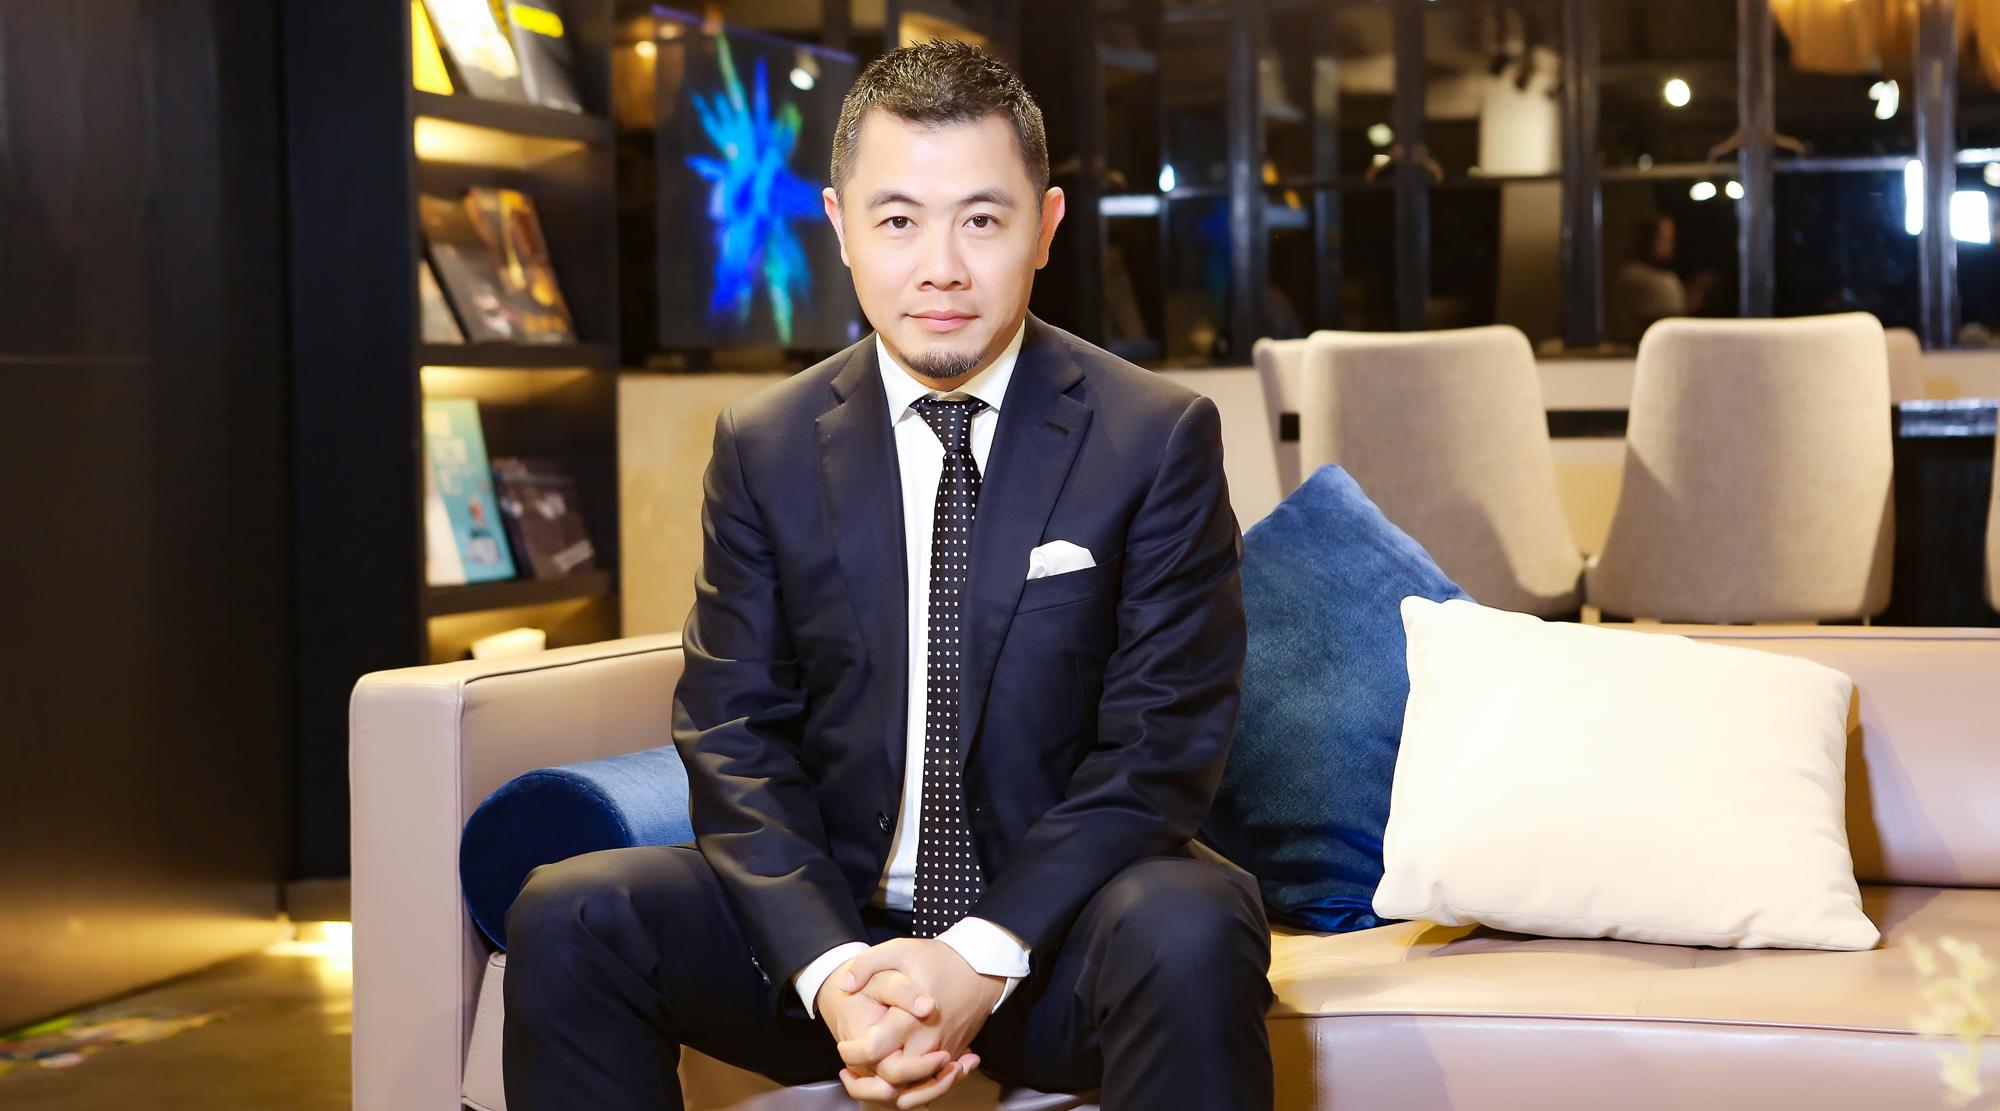 亚洲价值黄谷涵: 2.4万倍的获利,只属于目光远大的投资人